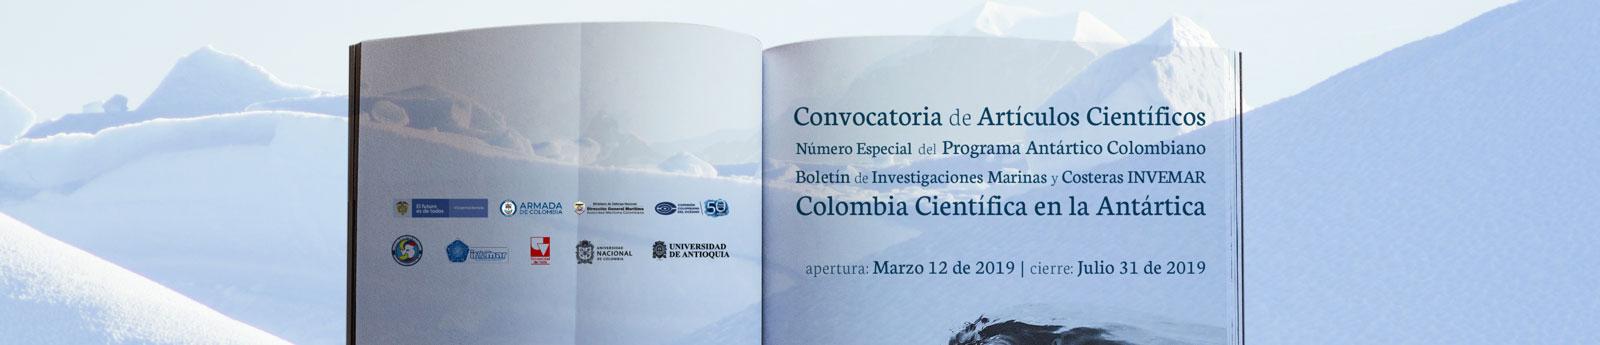 Se abre convocatoria para recibir artículos científicos vinculados al Programa Antártico Colombiano